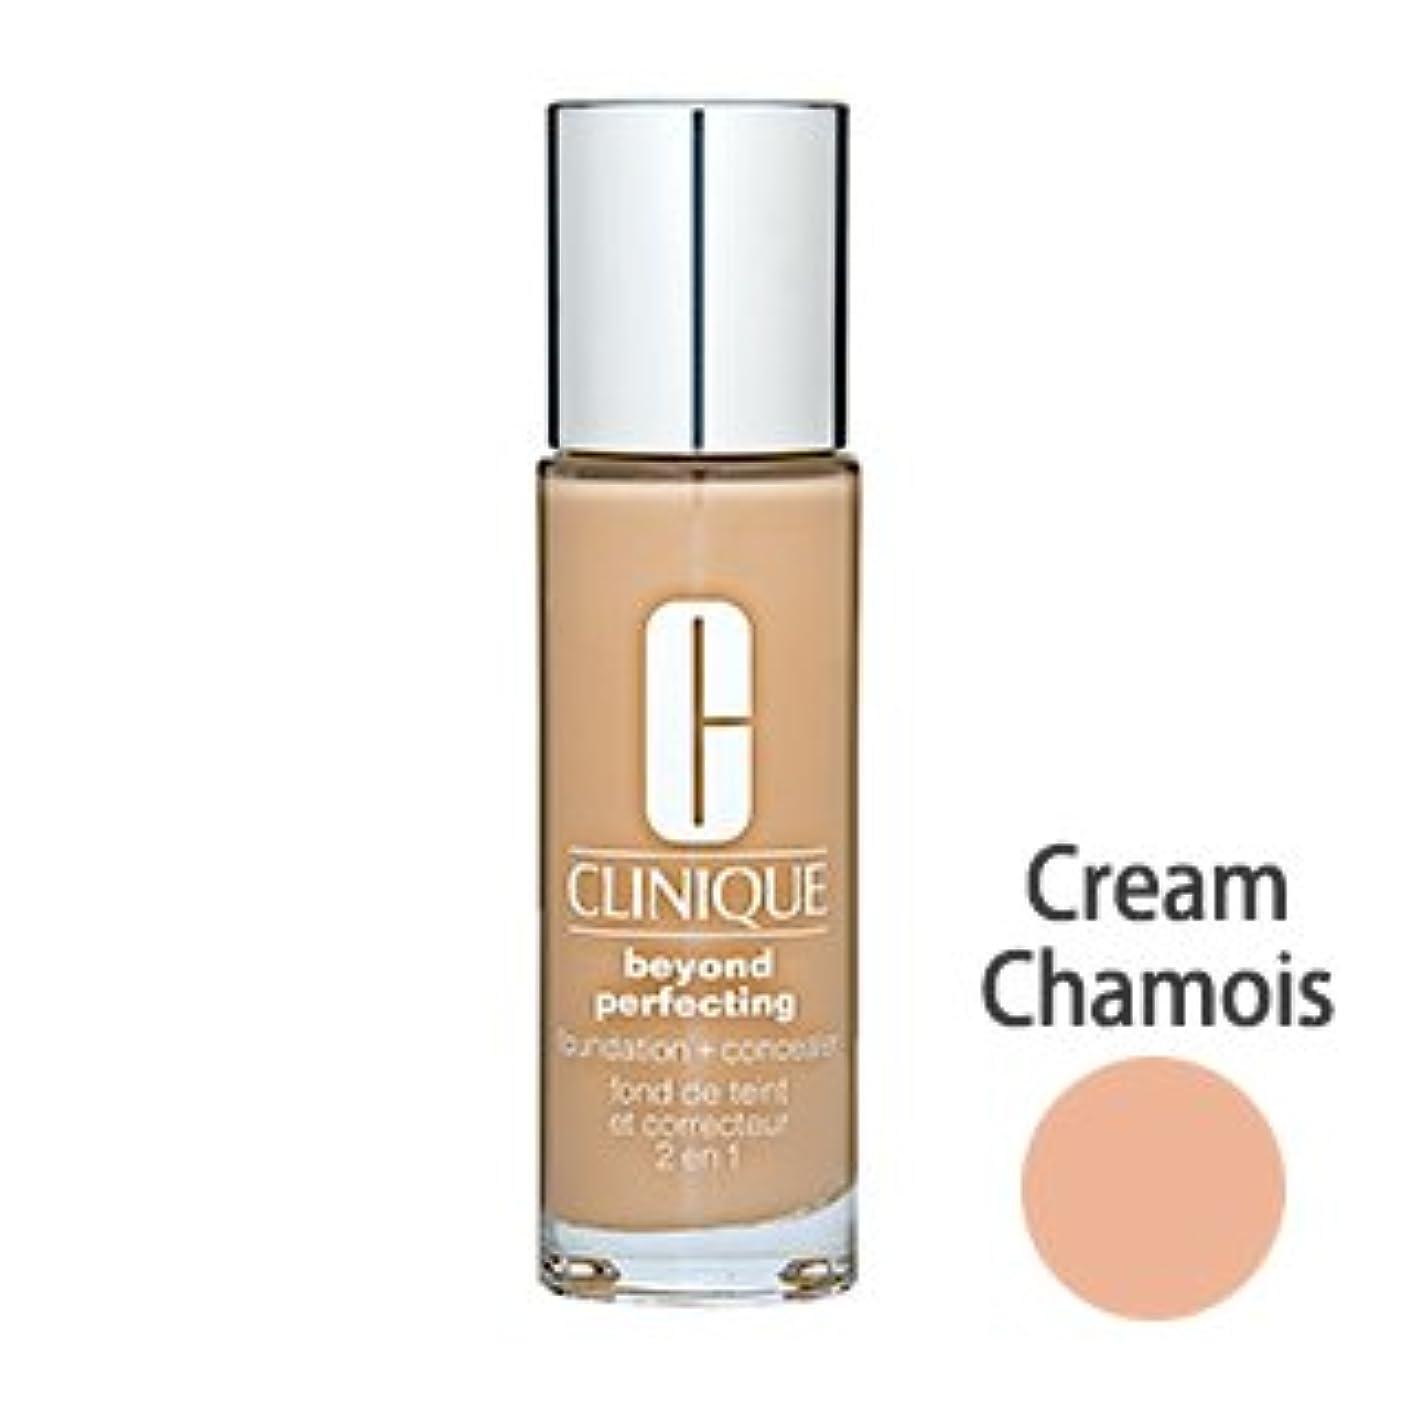 昇進東方出席クリニーク(Clinique) ビヨンド パーフェクティング ファンデーション (海外版) (Cream Chamois) 30ml [並行輸入品]